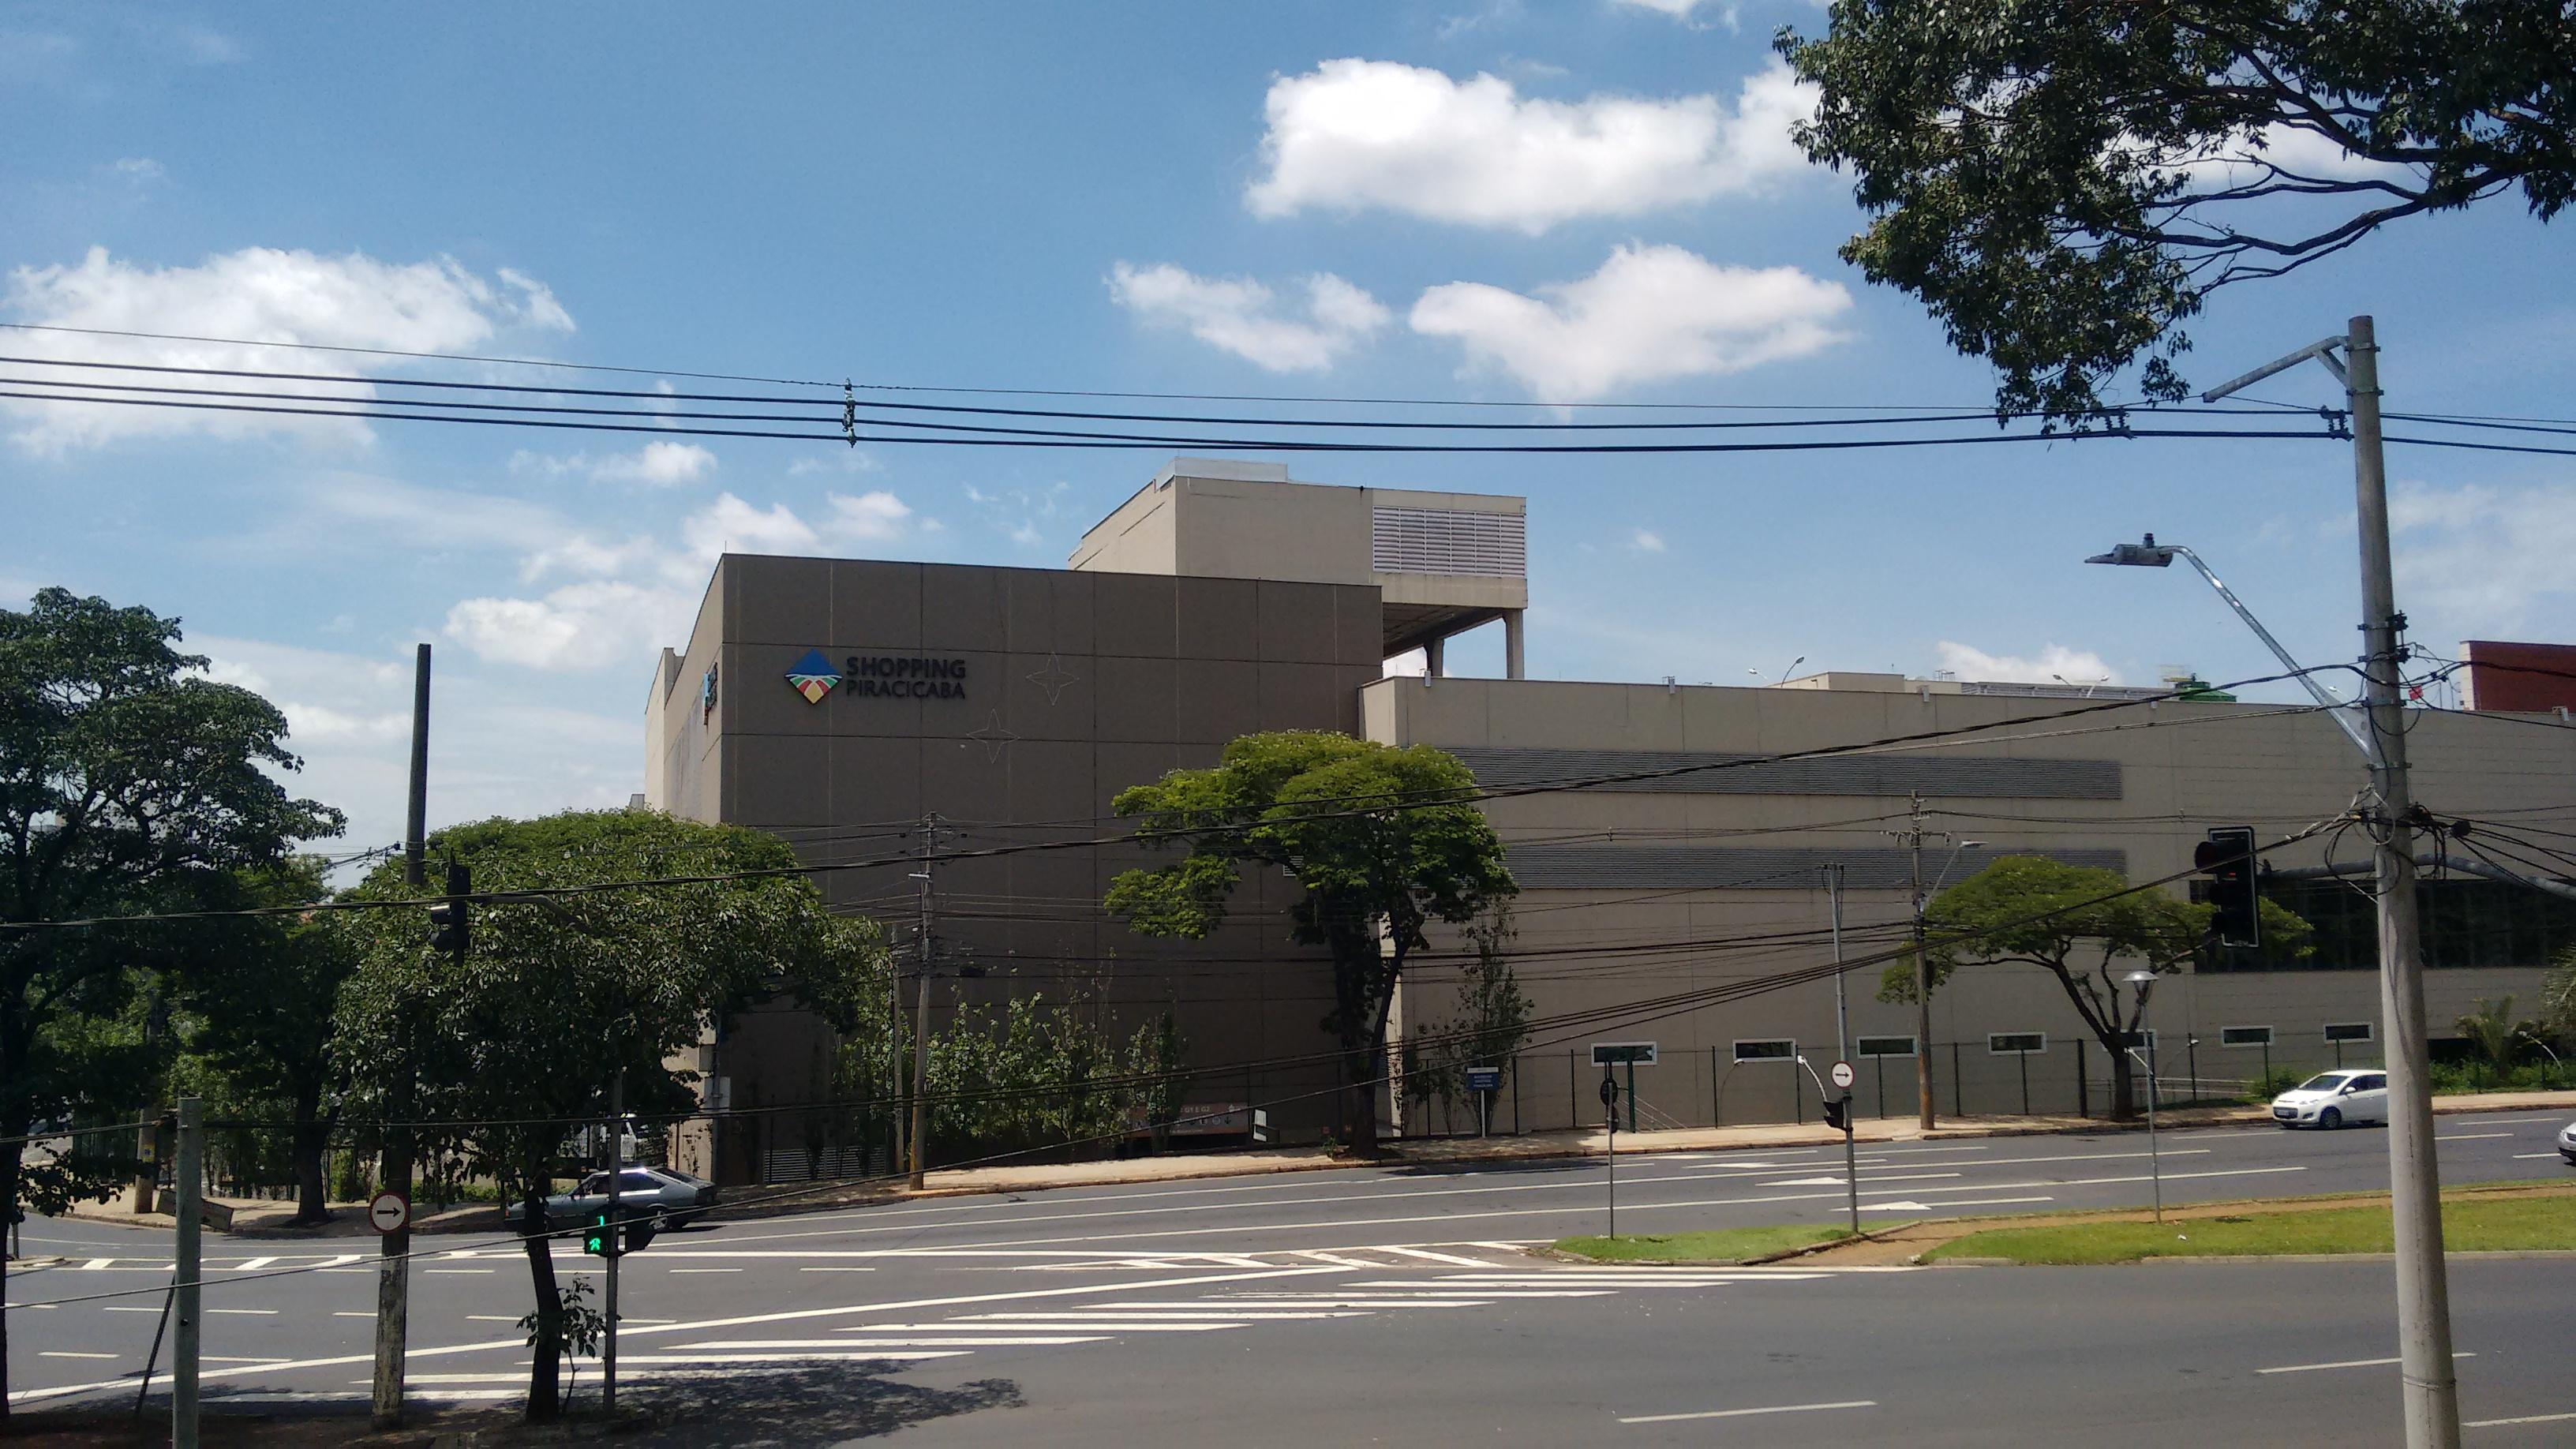 51fefdd6a Piracicaba – Wikipédia, a enciclopédia livre